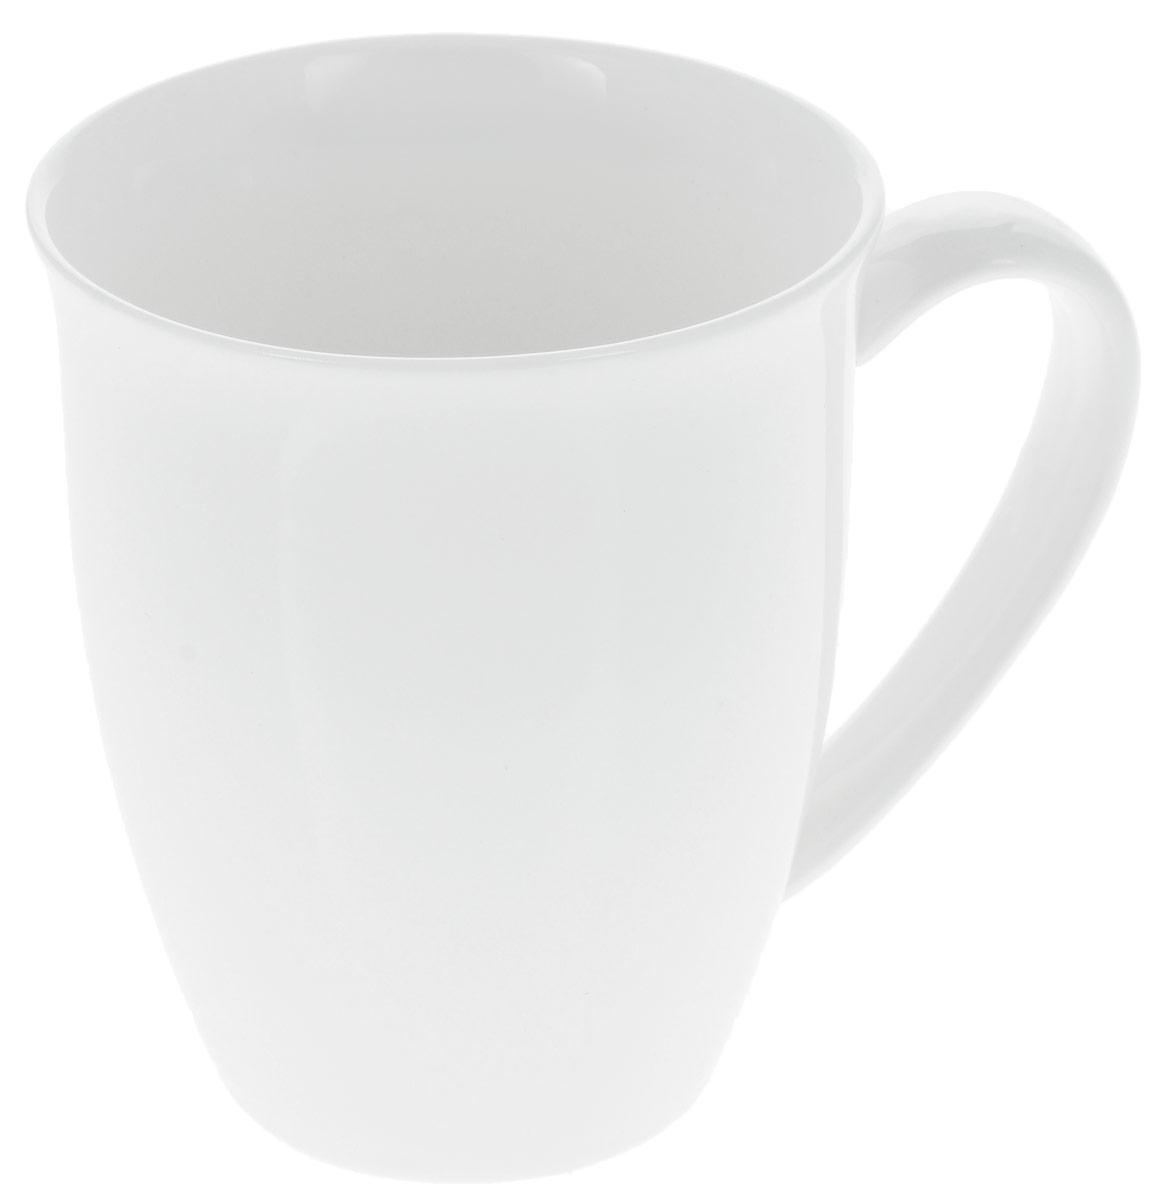 Кружка Wilmax, 350 мл. WL-993014 / A54 009312Кружка Wilmax изготовлена из высококачественного фарфора, покрытого глазурью. Материал легкий, тонкий, свет без труда проникает сквозь изделие. Посуда имеет роскошную белизну, гладкость и блеск достигаются за счет особой рецептуры глазури. Изделие обладает низкой водопоглощаемостью, высокой термостойкостью и ударопрочностью, а также экологичностью. Посуда долговечна и рассчитана на постоянное интенсивное использование. Гладкая непористая поверхность исключает проникновение бактерий, изделие не будет впитывать посторонние запахи и сохранит первоначальный цвет. Такая кружка пригодится в любом хозяйстве, она функциональная, практичная и легкая в уходе. Можно мыть в посудомоечной машине и использовать в микроволновой печи. Диаметр (по верхнему краю): 9 см. Высота стенки: 10,5 см.